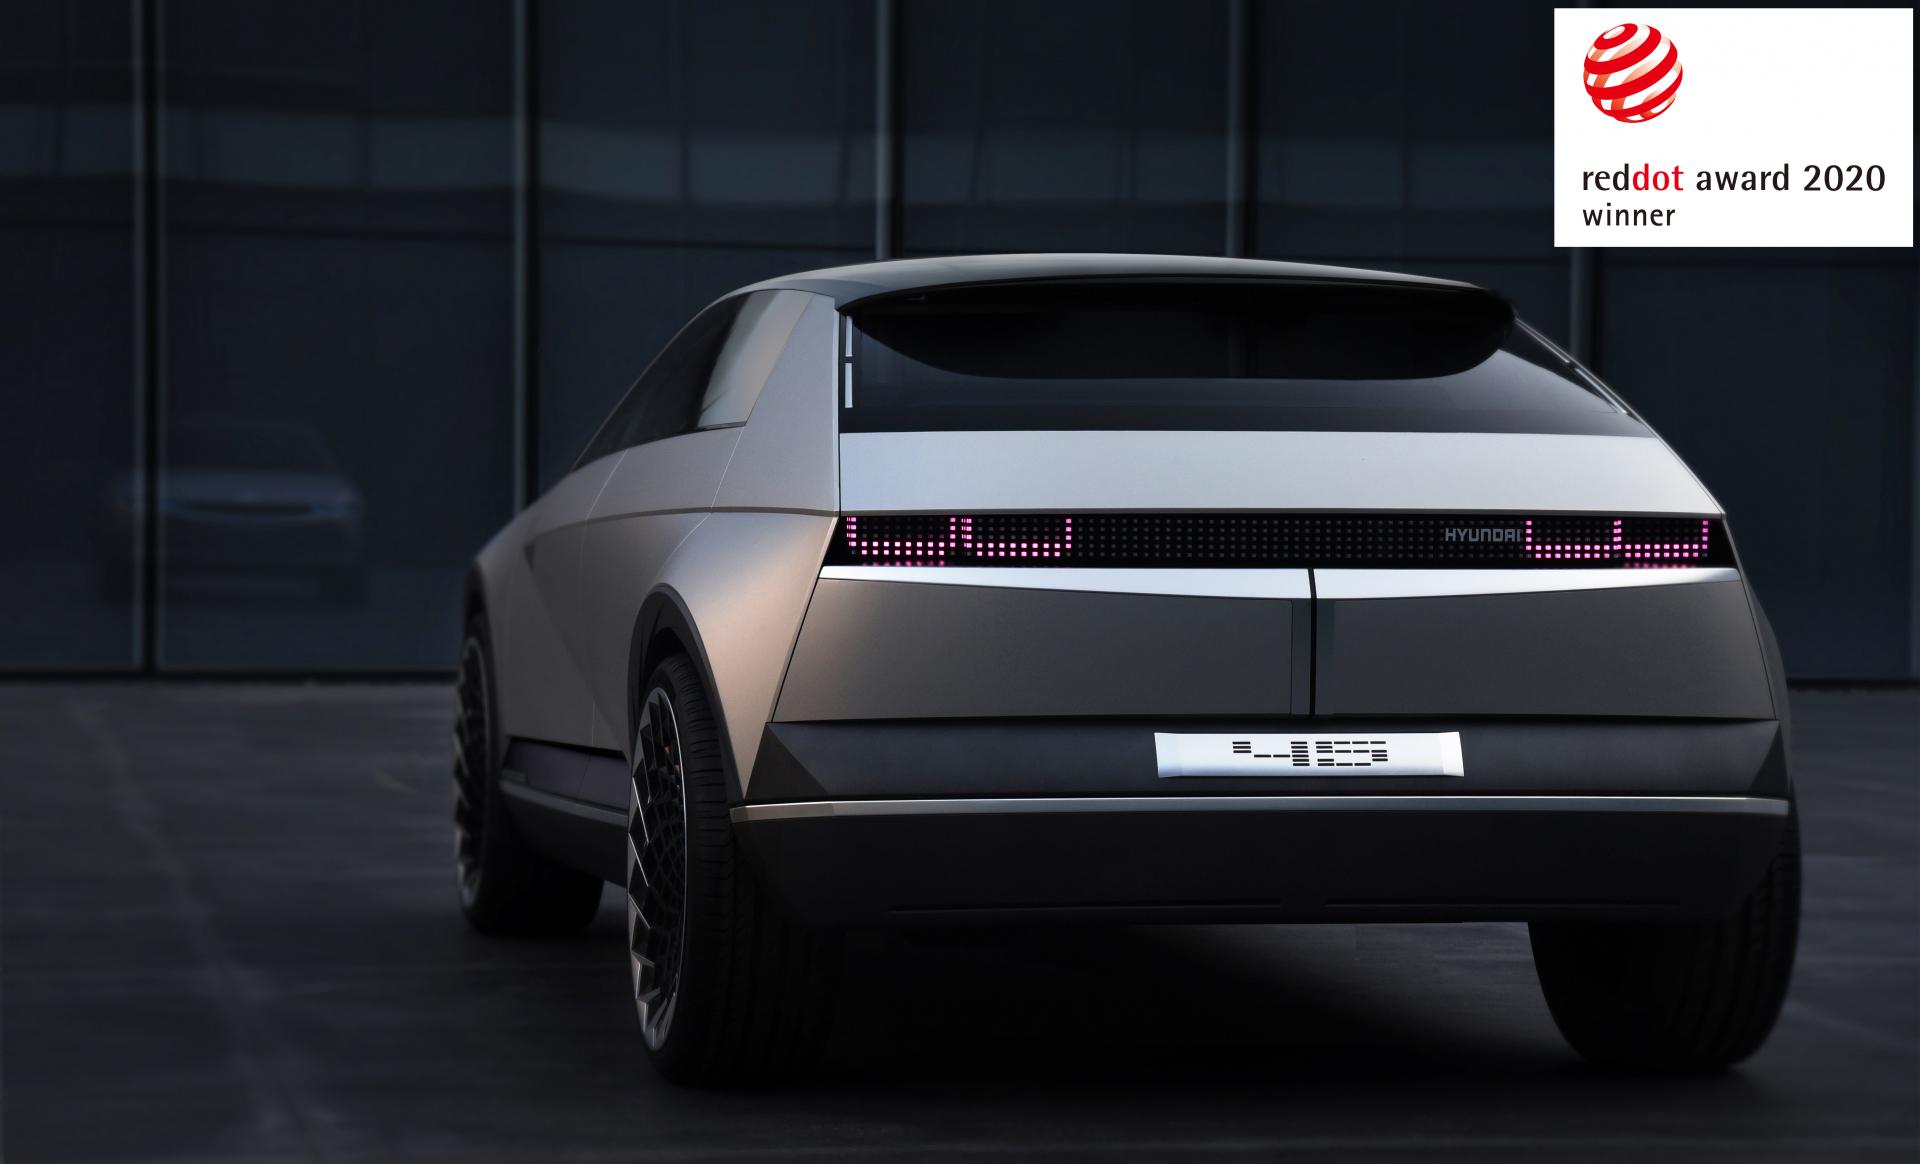 Компанія Hyundai Motor отримала три нагороди Red Dot Award 2020 за концептуальний дизайн | Івано-Франківськ - фото 10